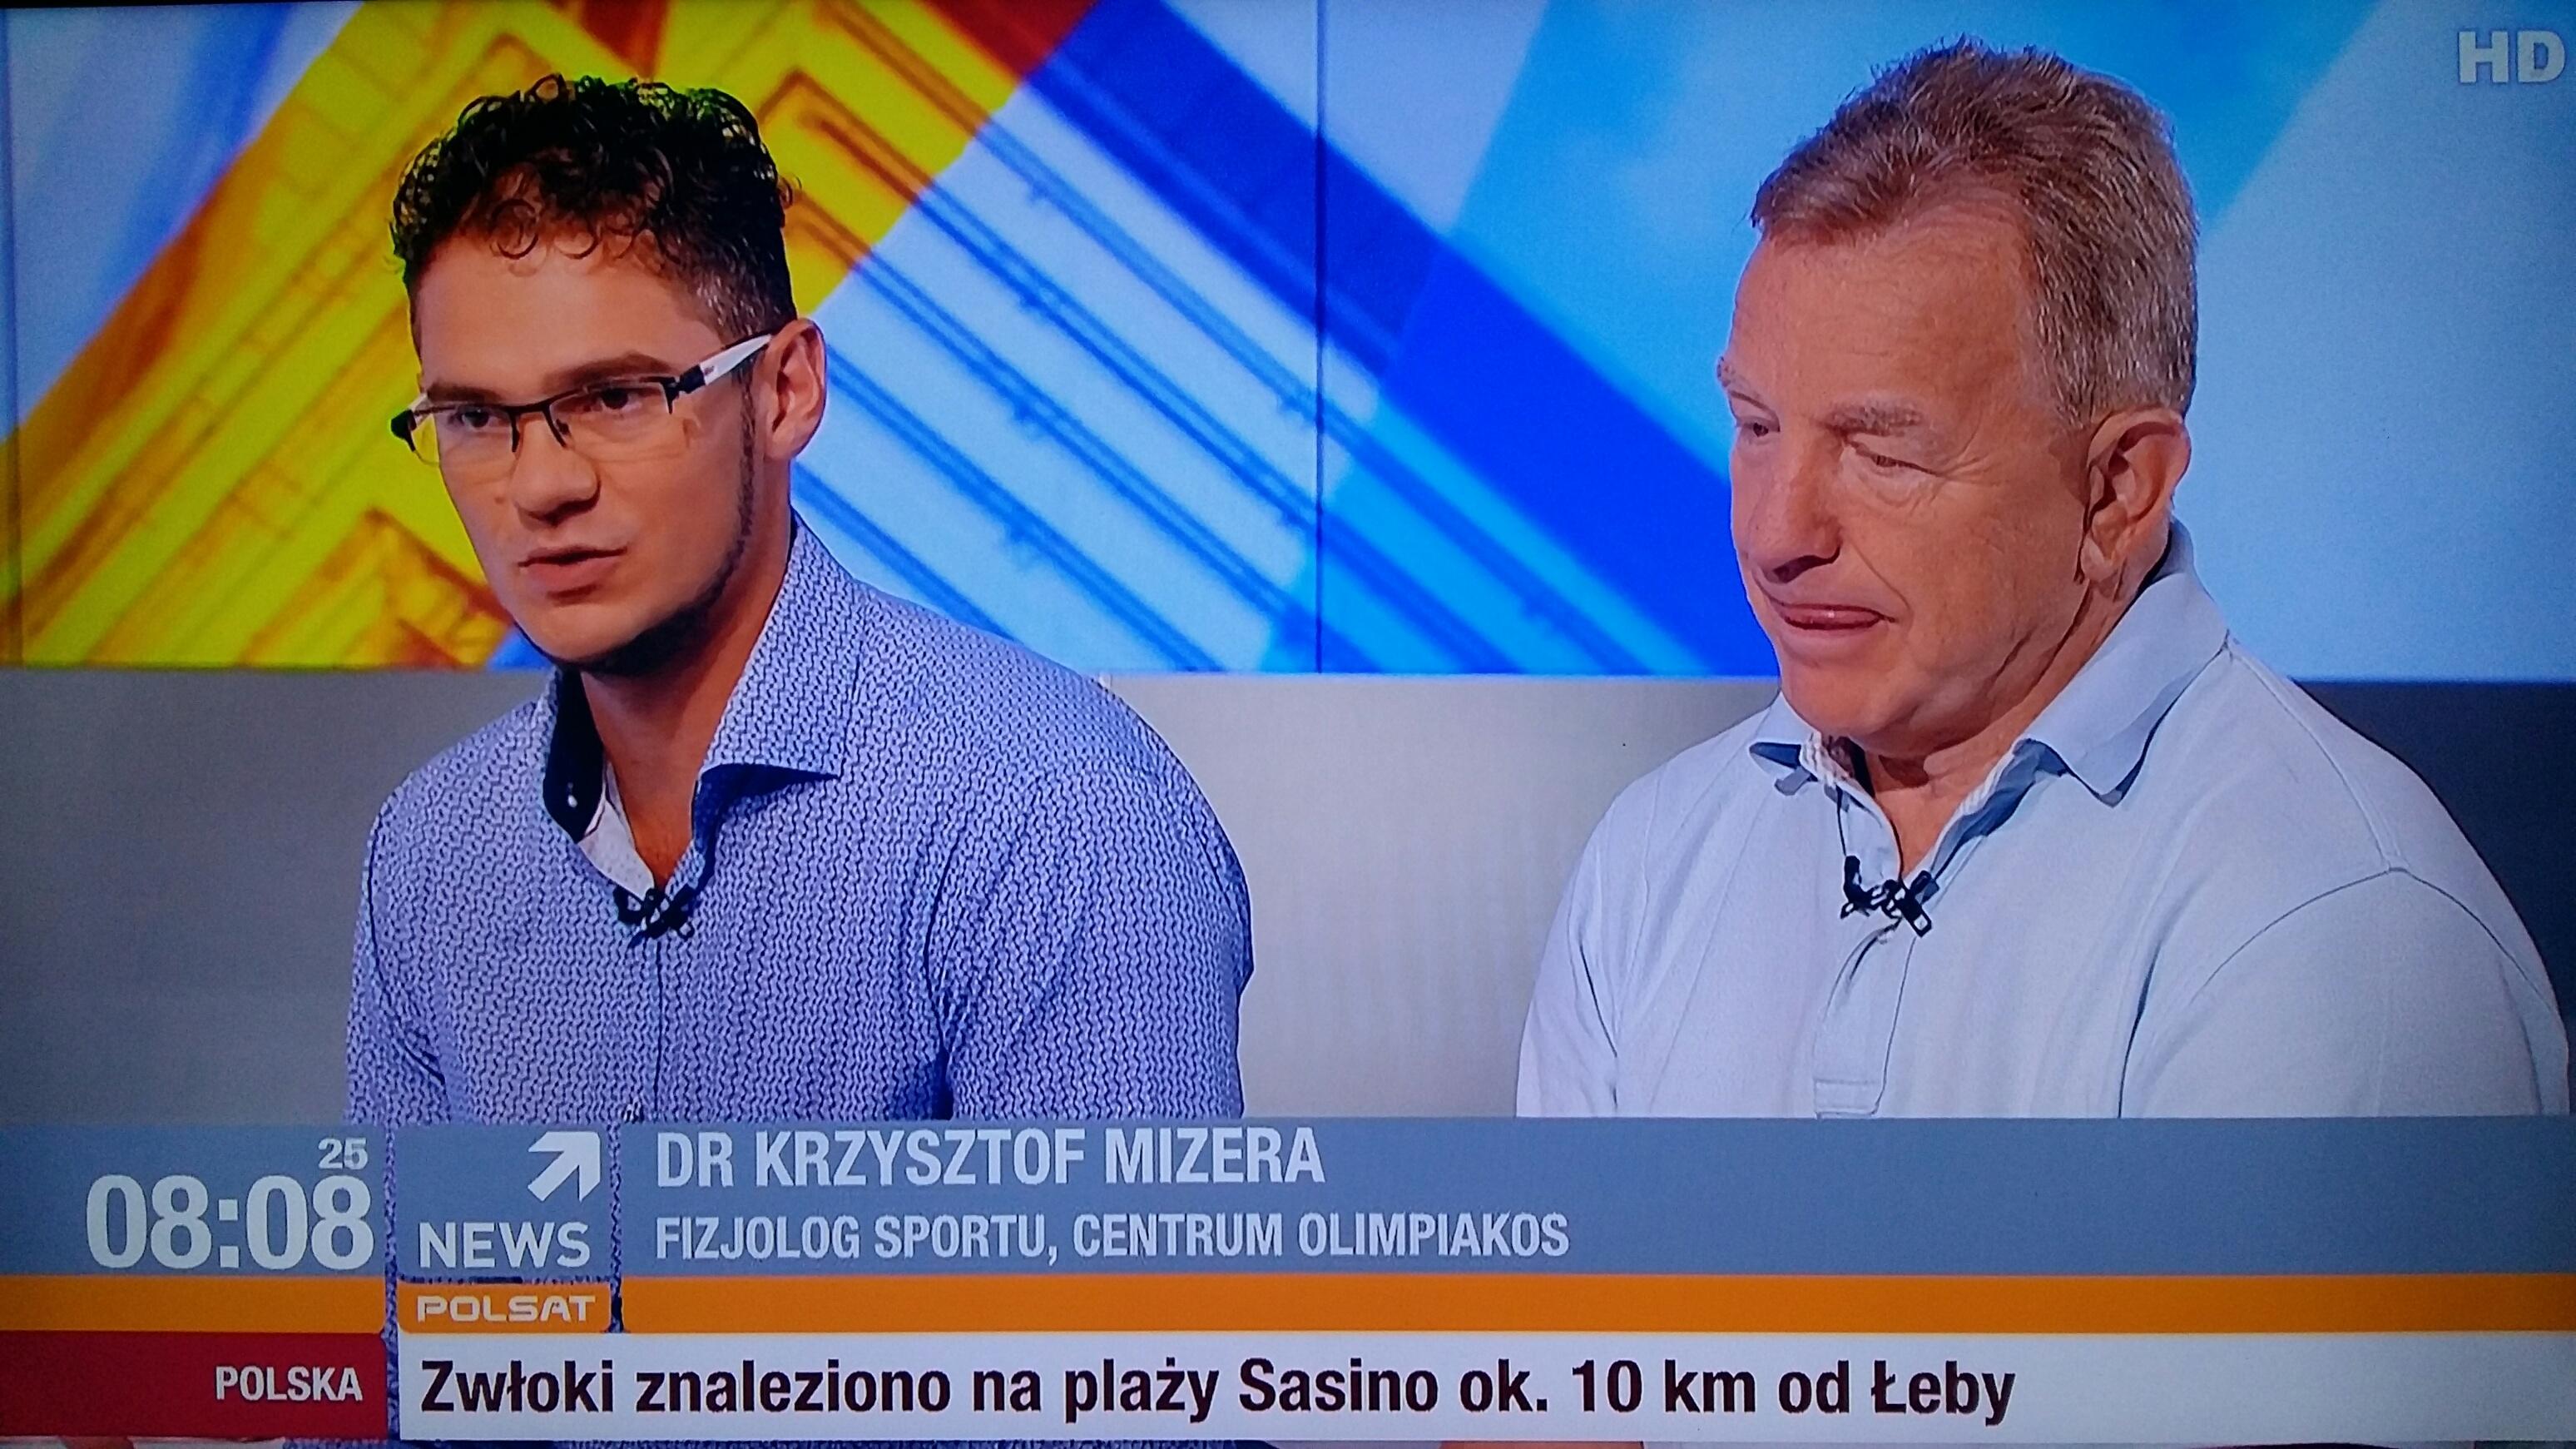 Krzysztof Mizera